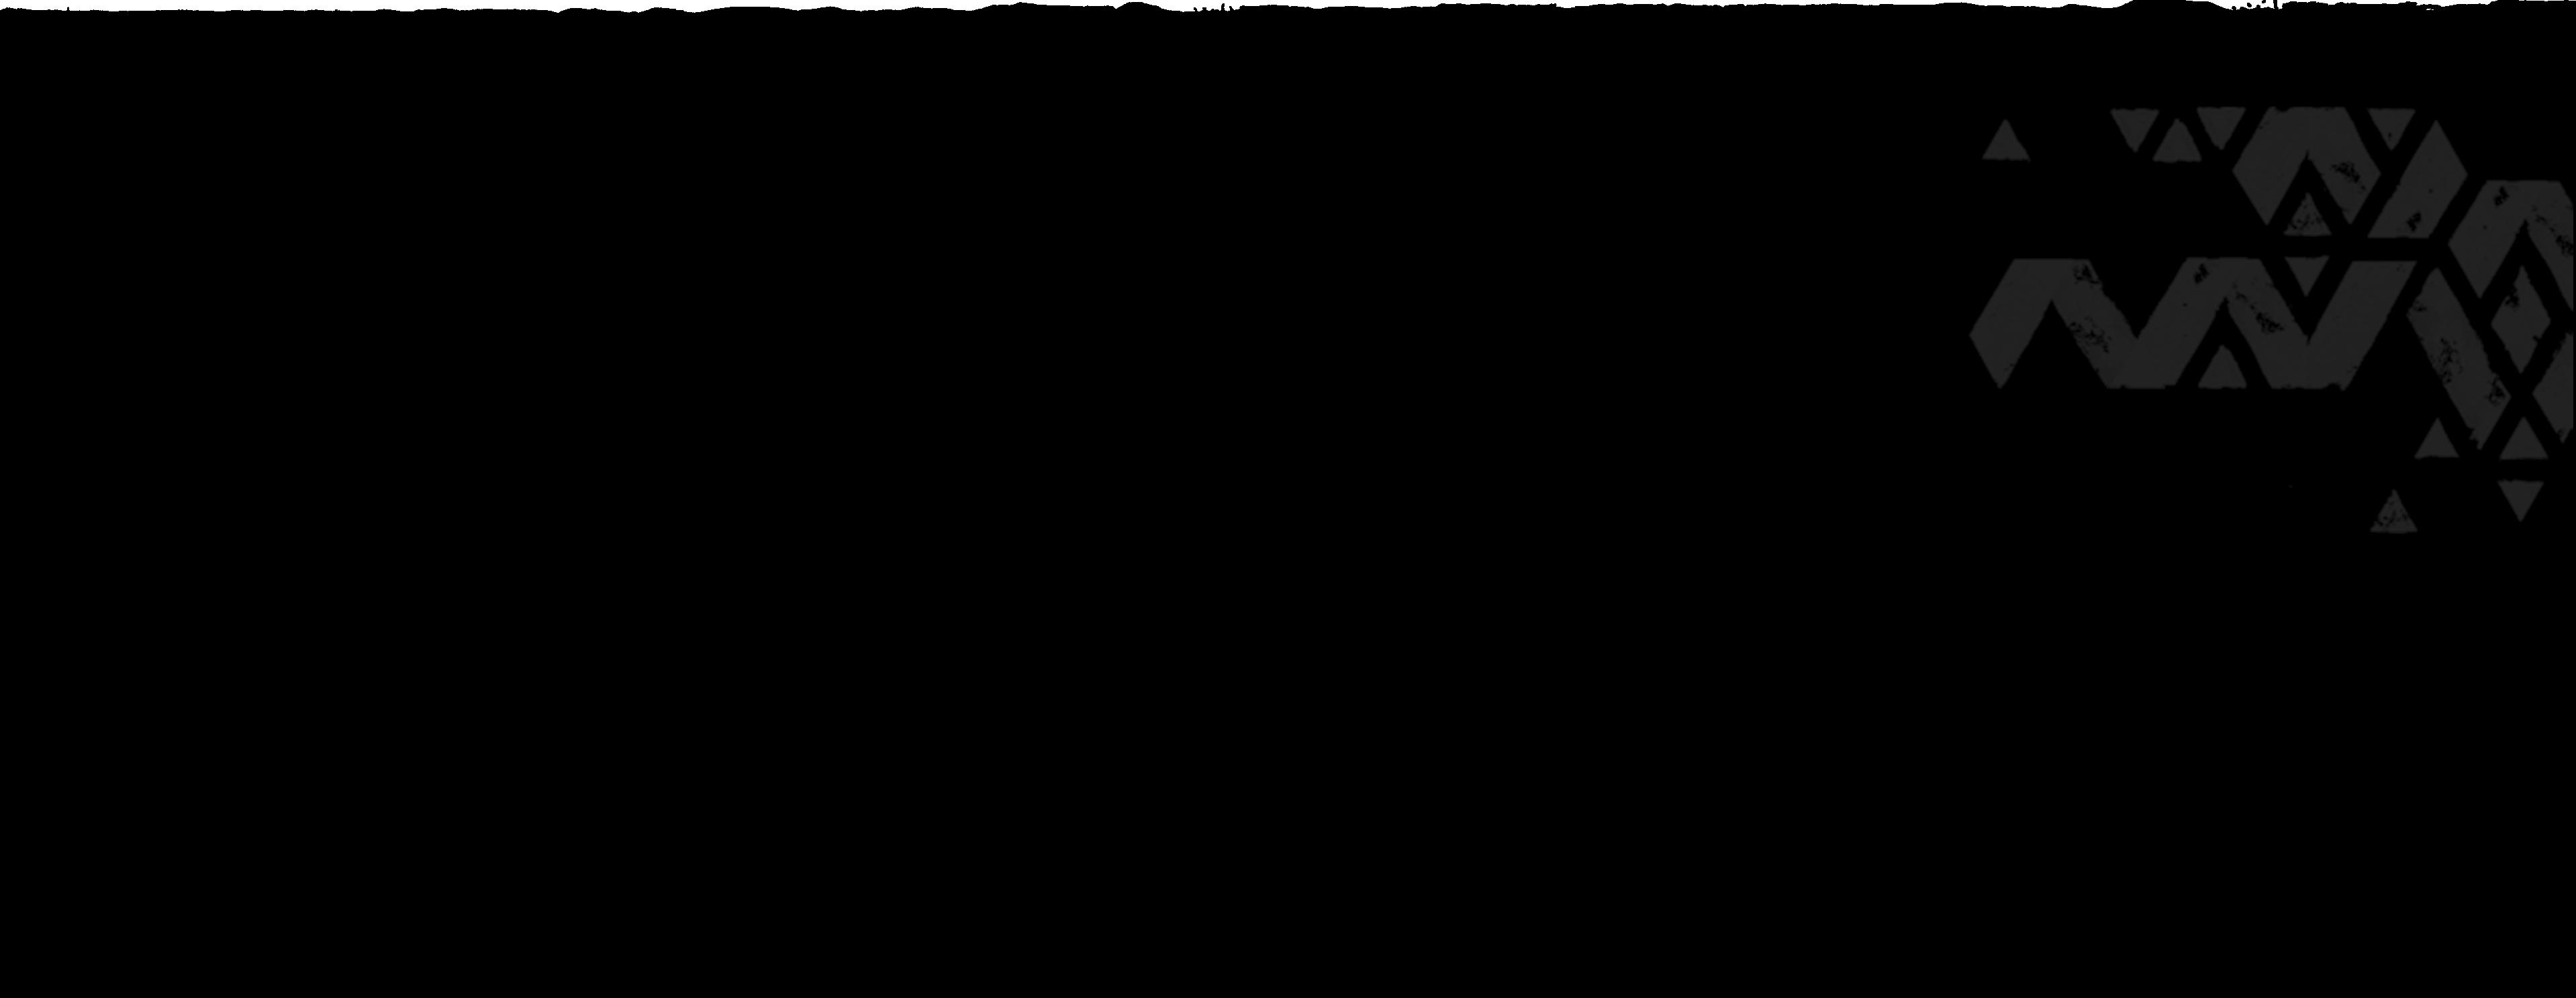 svart bakgrunn